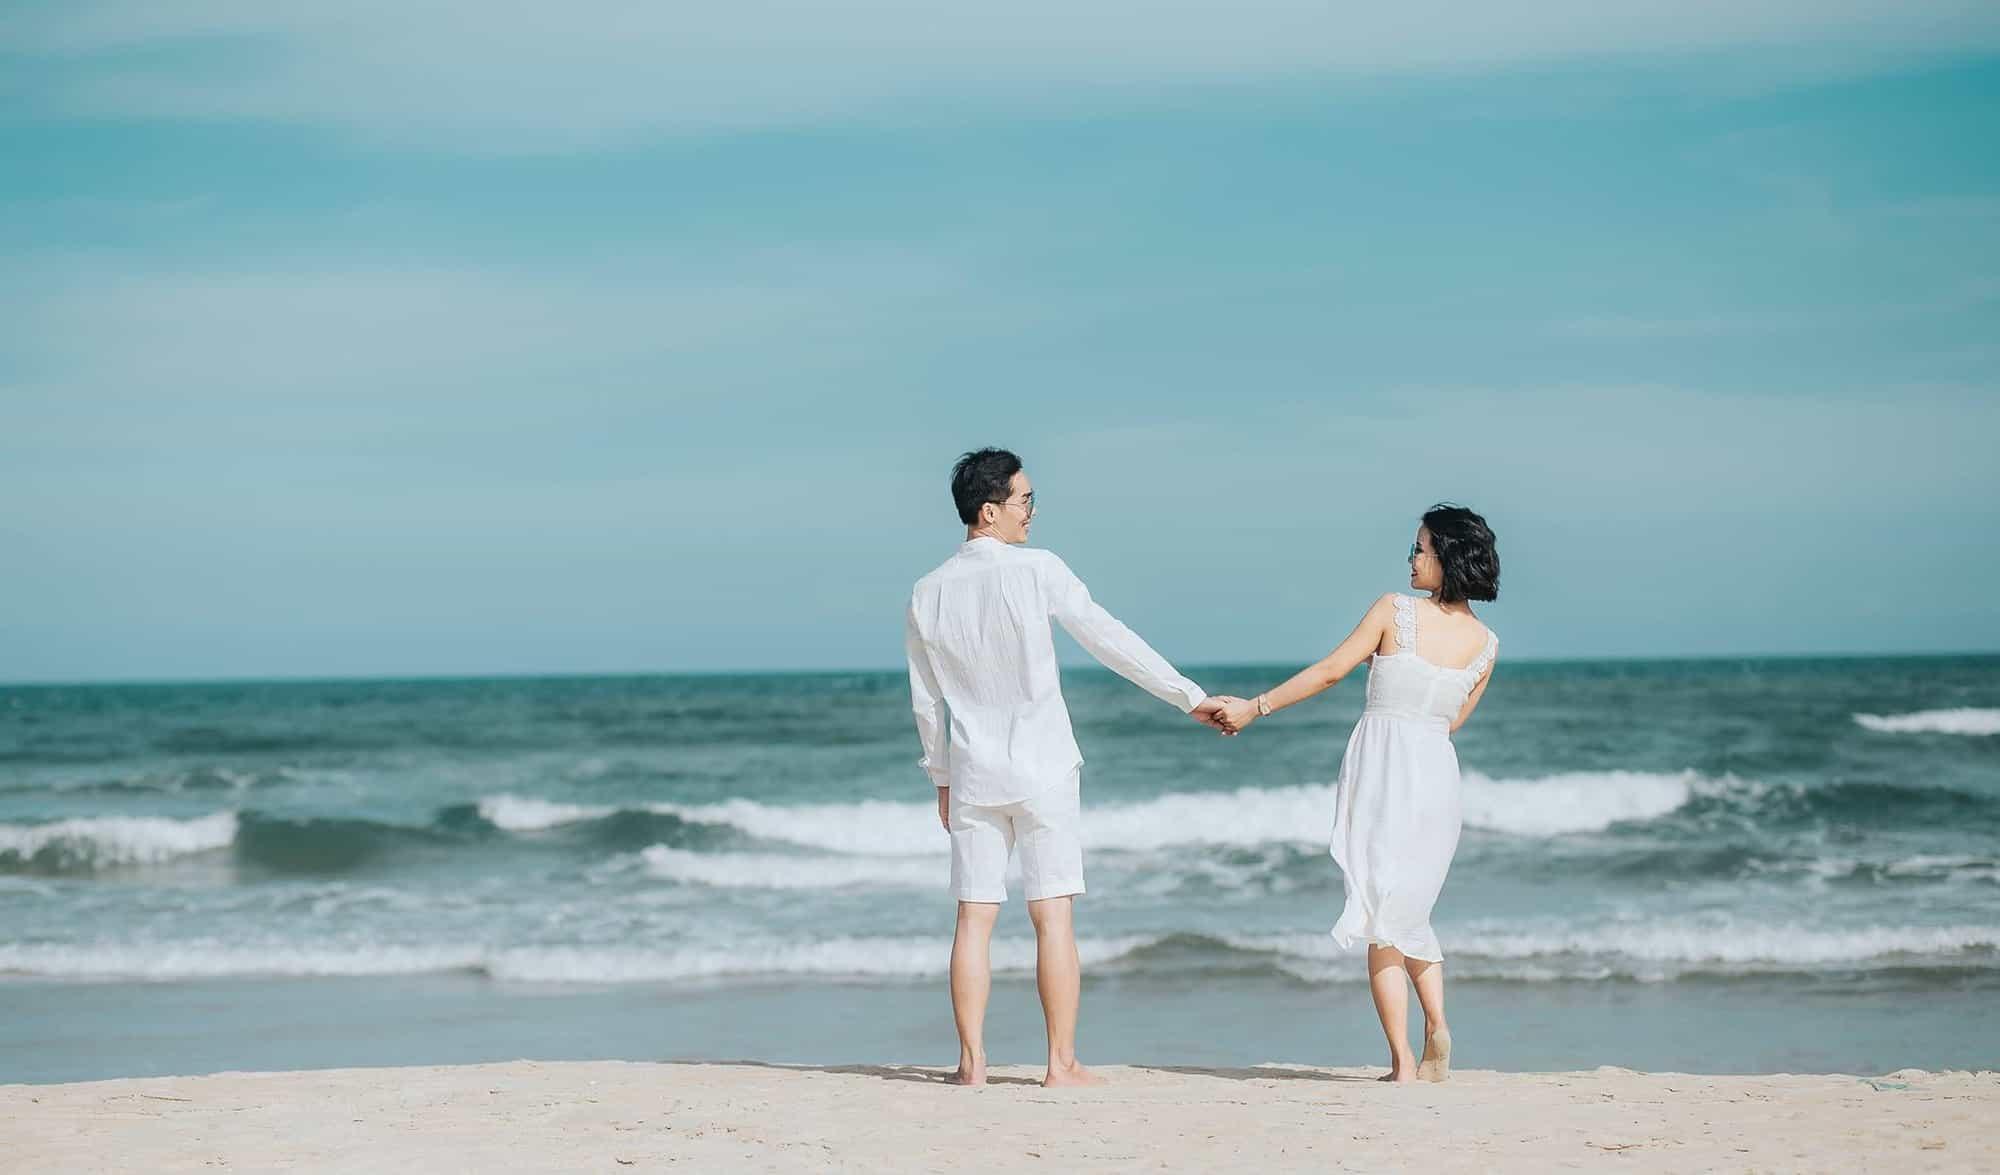 'Bắt mạch' tình cảm vợ chồng yêu sâu đậm hay 'nhạt như nước ốc' qua 3 câu hỏi sau - Ảnh 2